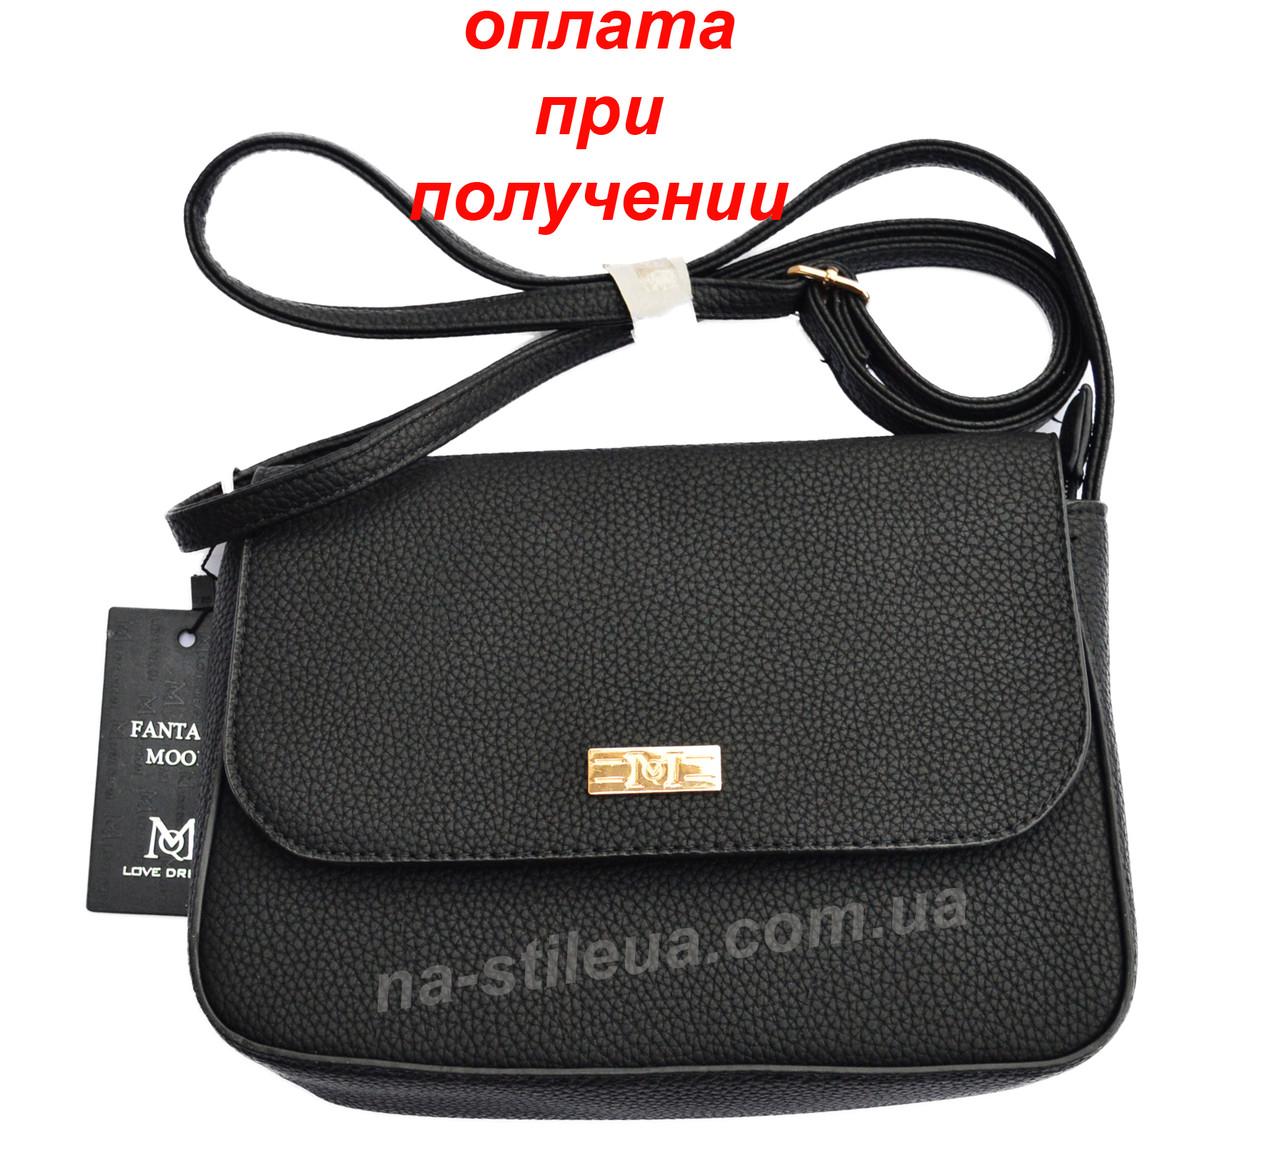 Клатч жіночий шкіряний міні жіноча сумка гаманець шкіряна через плече Моніка